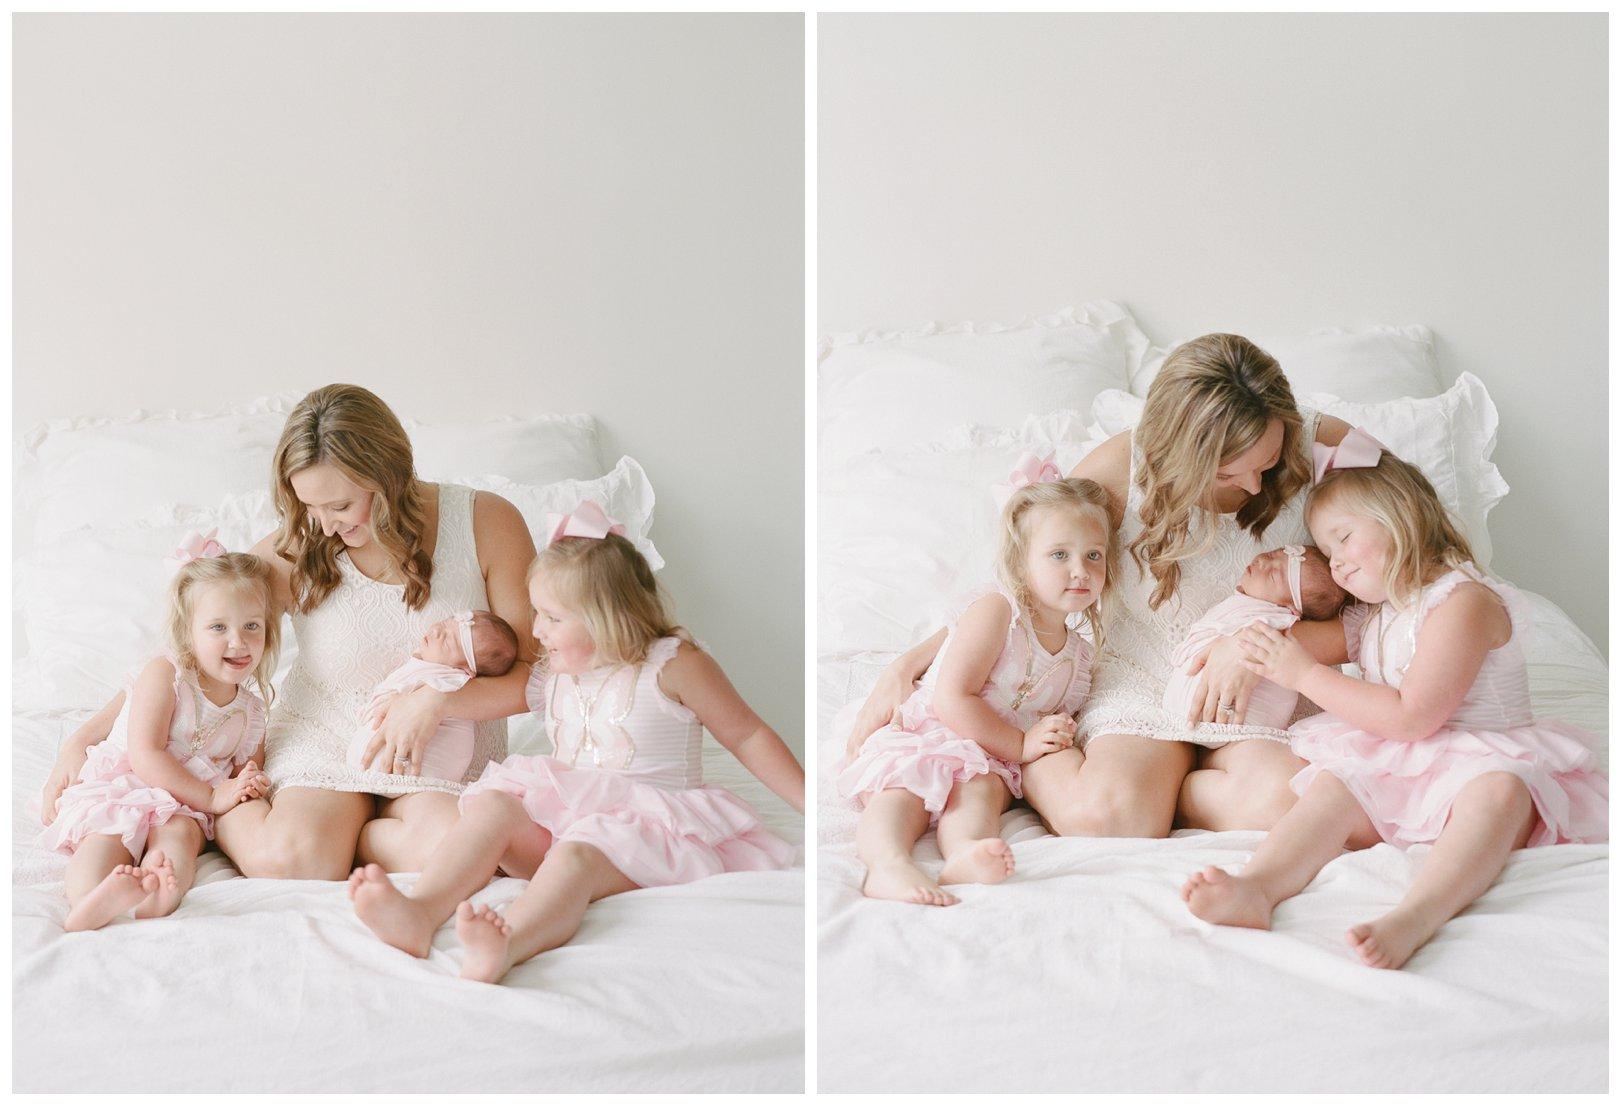 lauren muckler photography_fine art film wedding photography_st louis_photography_2623.jpg